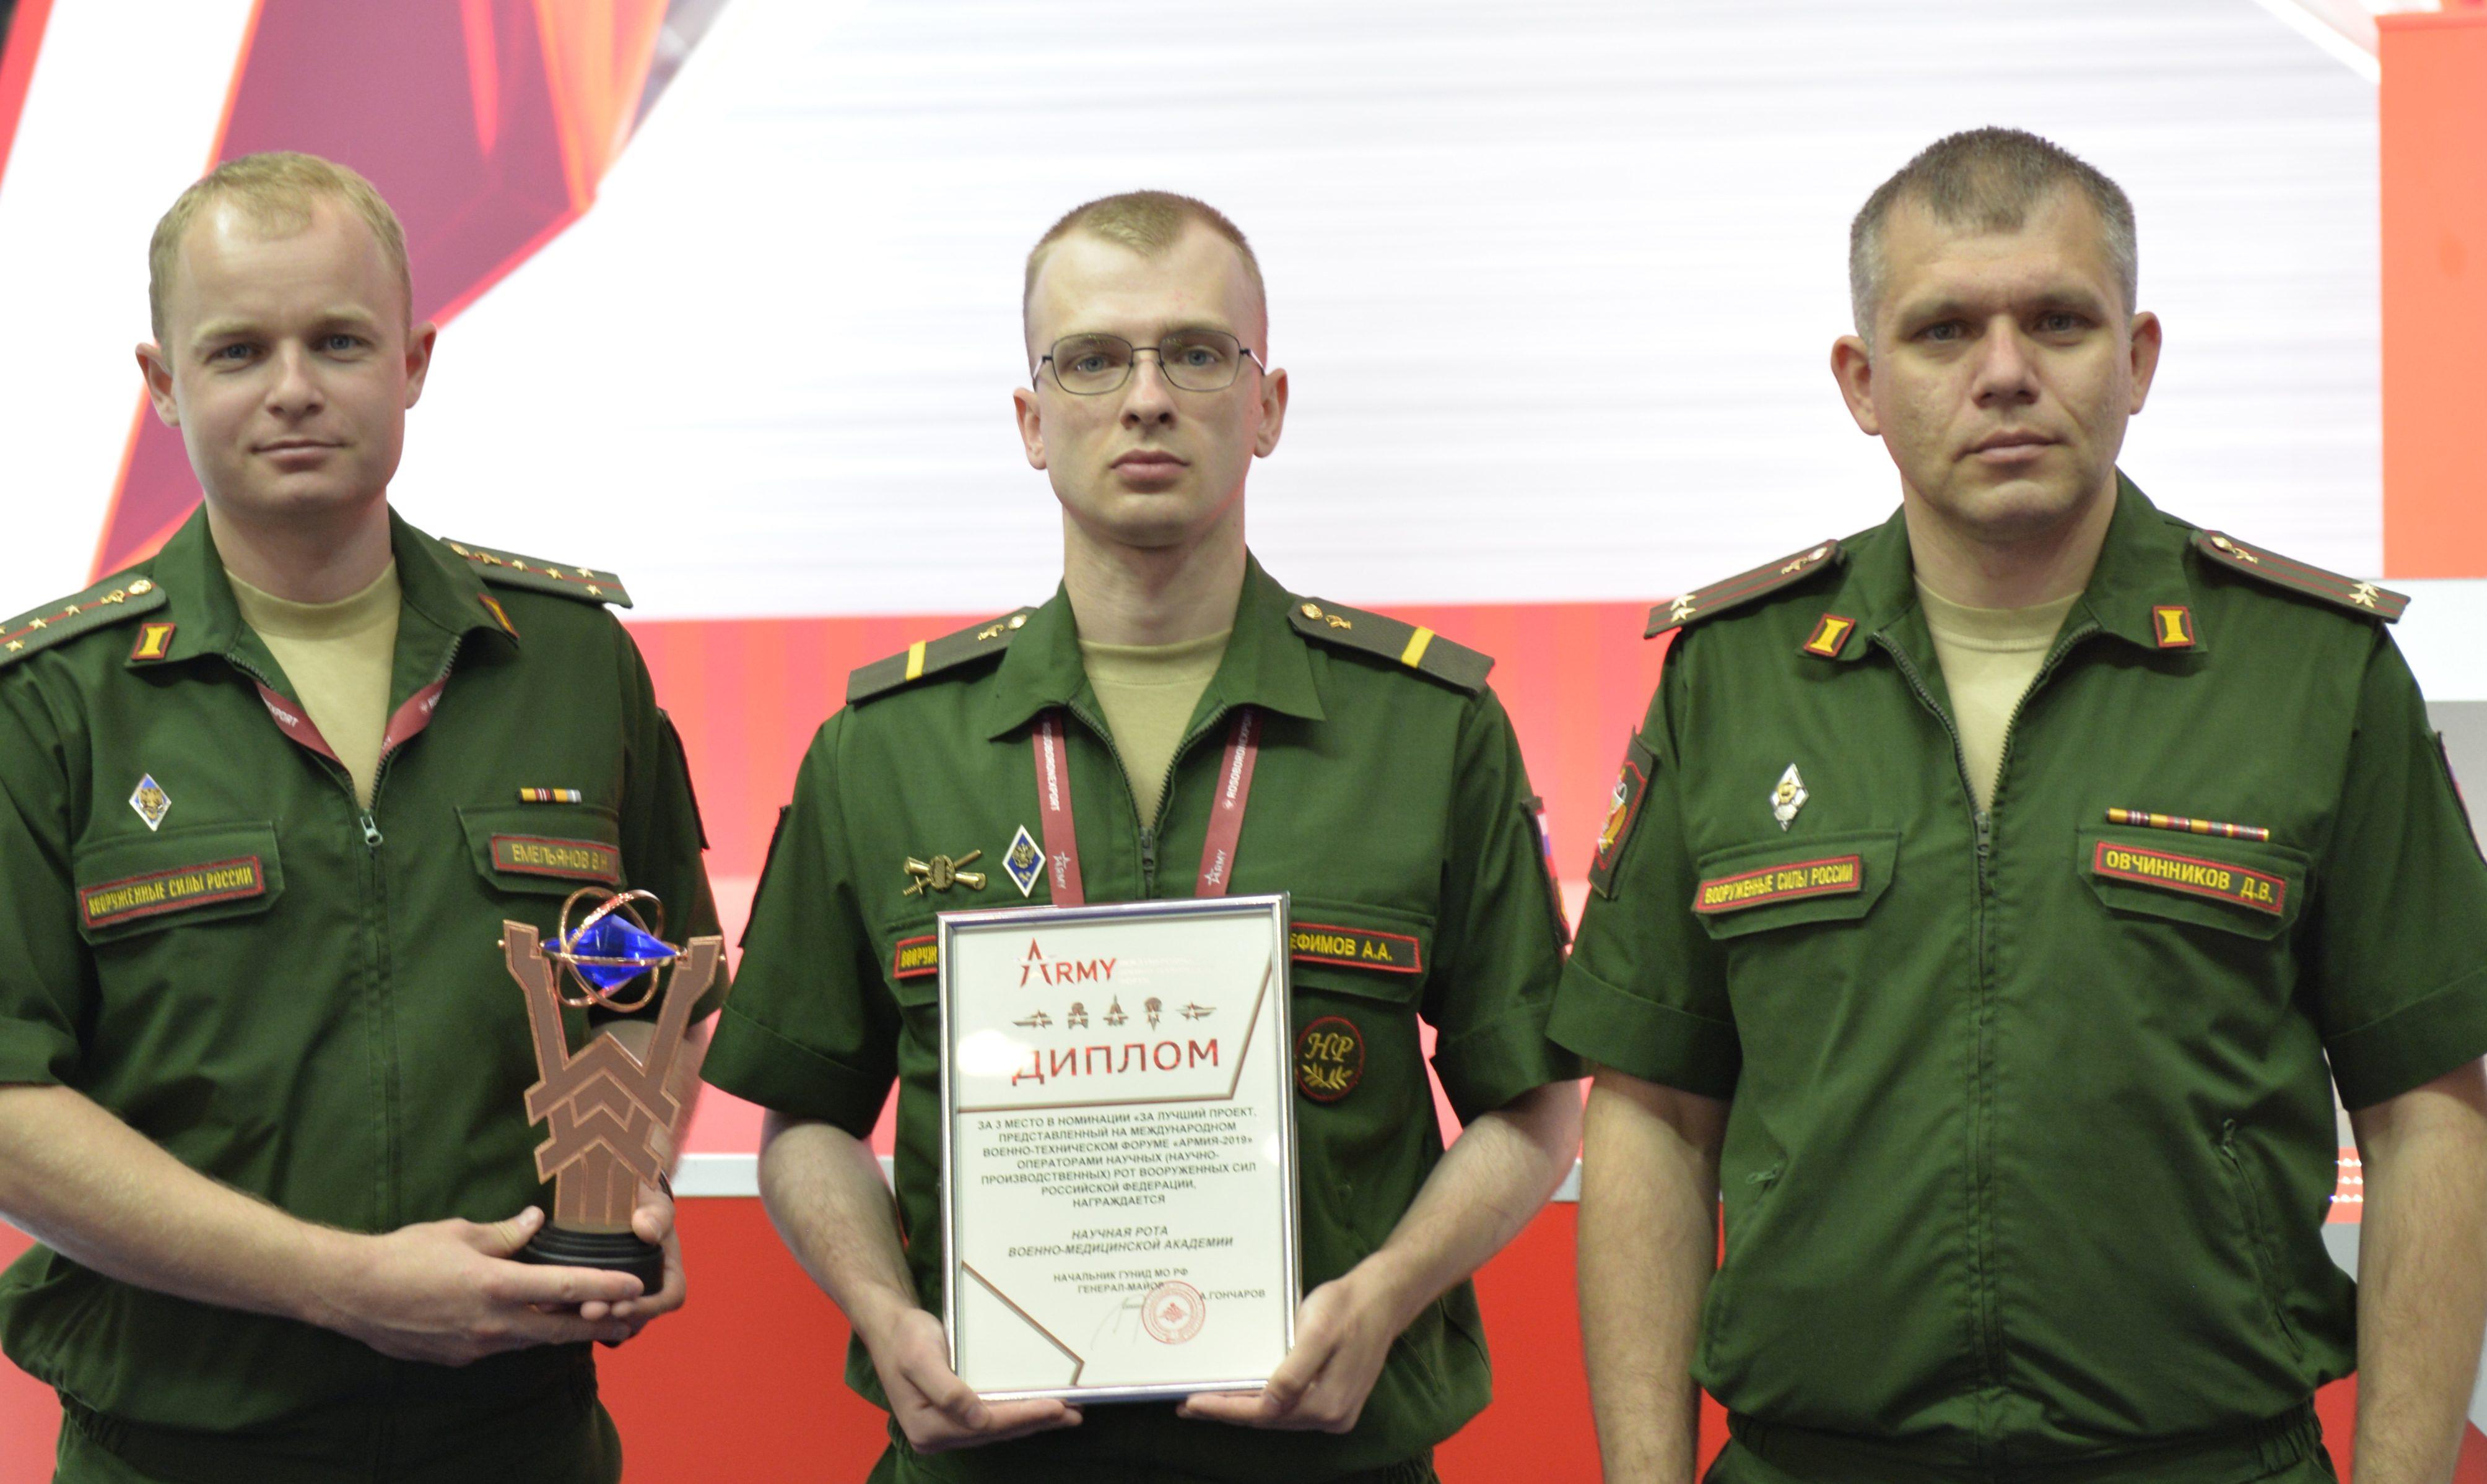 Научная рота ВМедА на Форуме «Армия-2019» получила первую награду